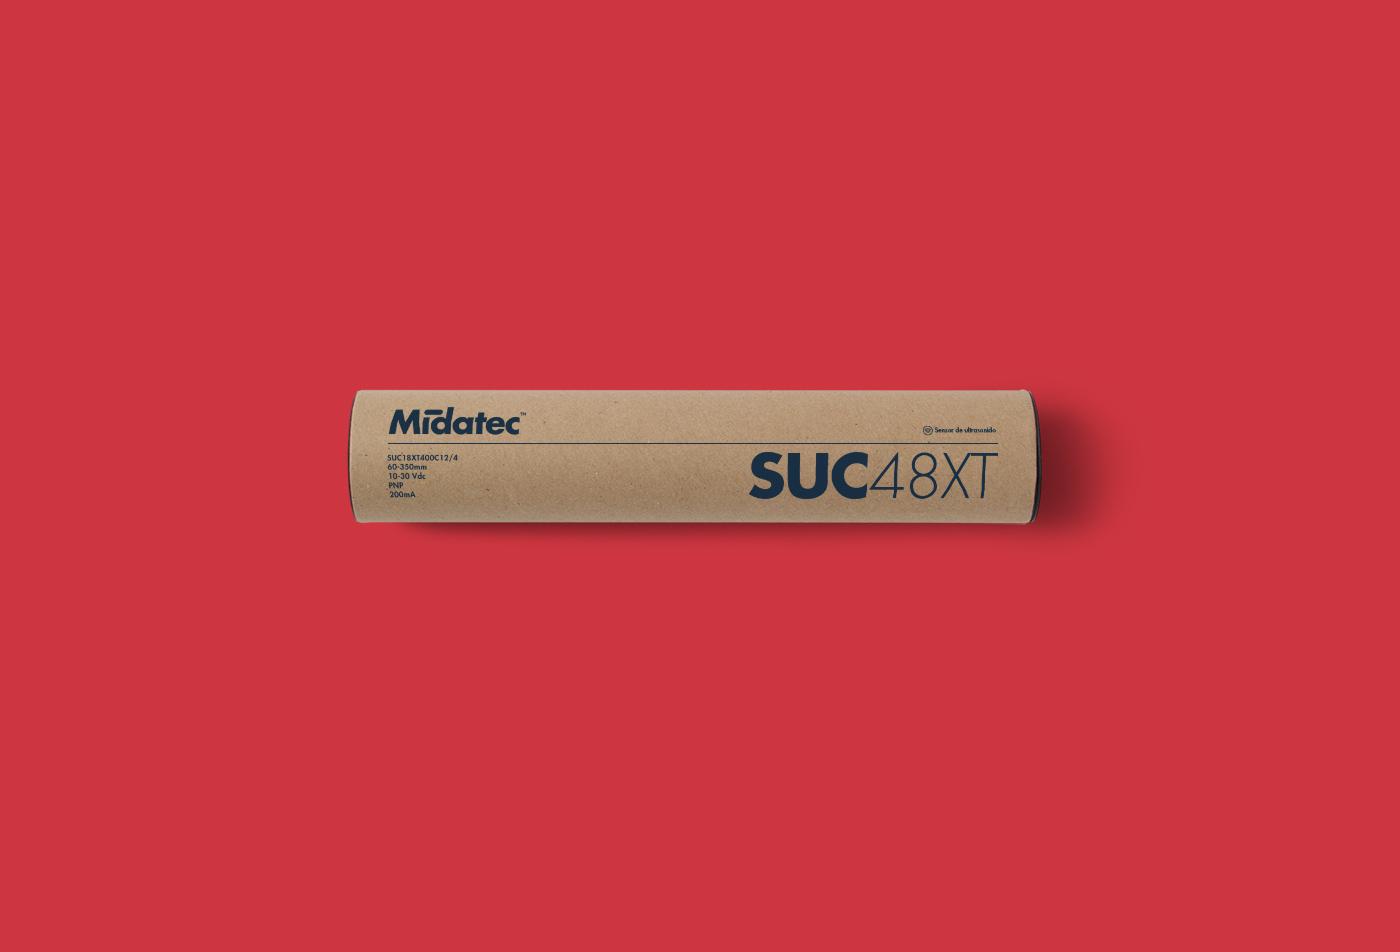 pixelarte-estudio-diseno-grafico-packaging-para-Midatec